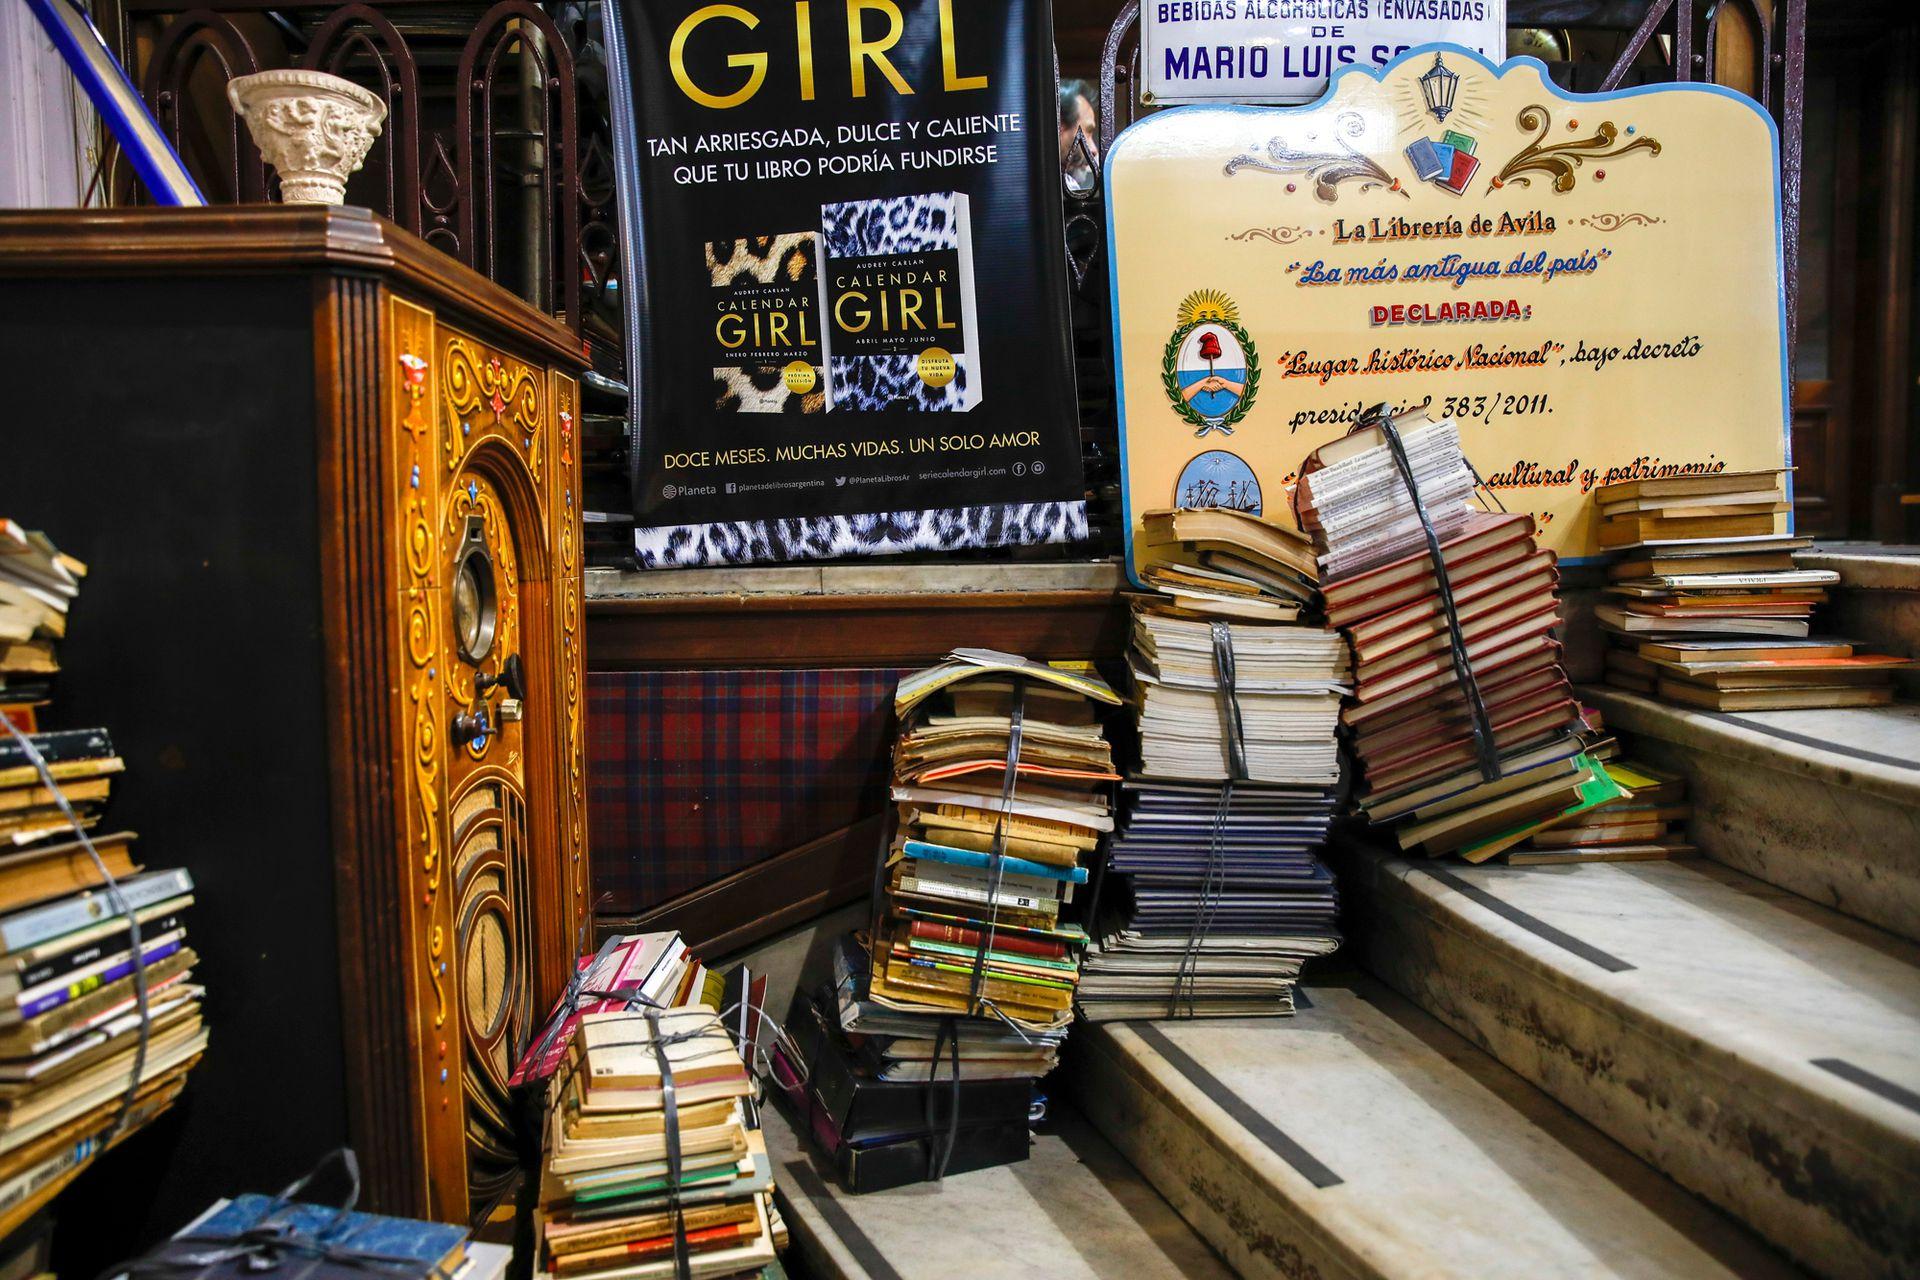 En los estantes, es el piso, en las escaleras; los libros inundan el local